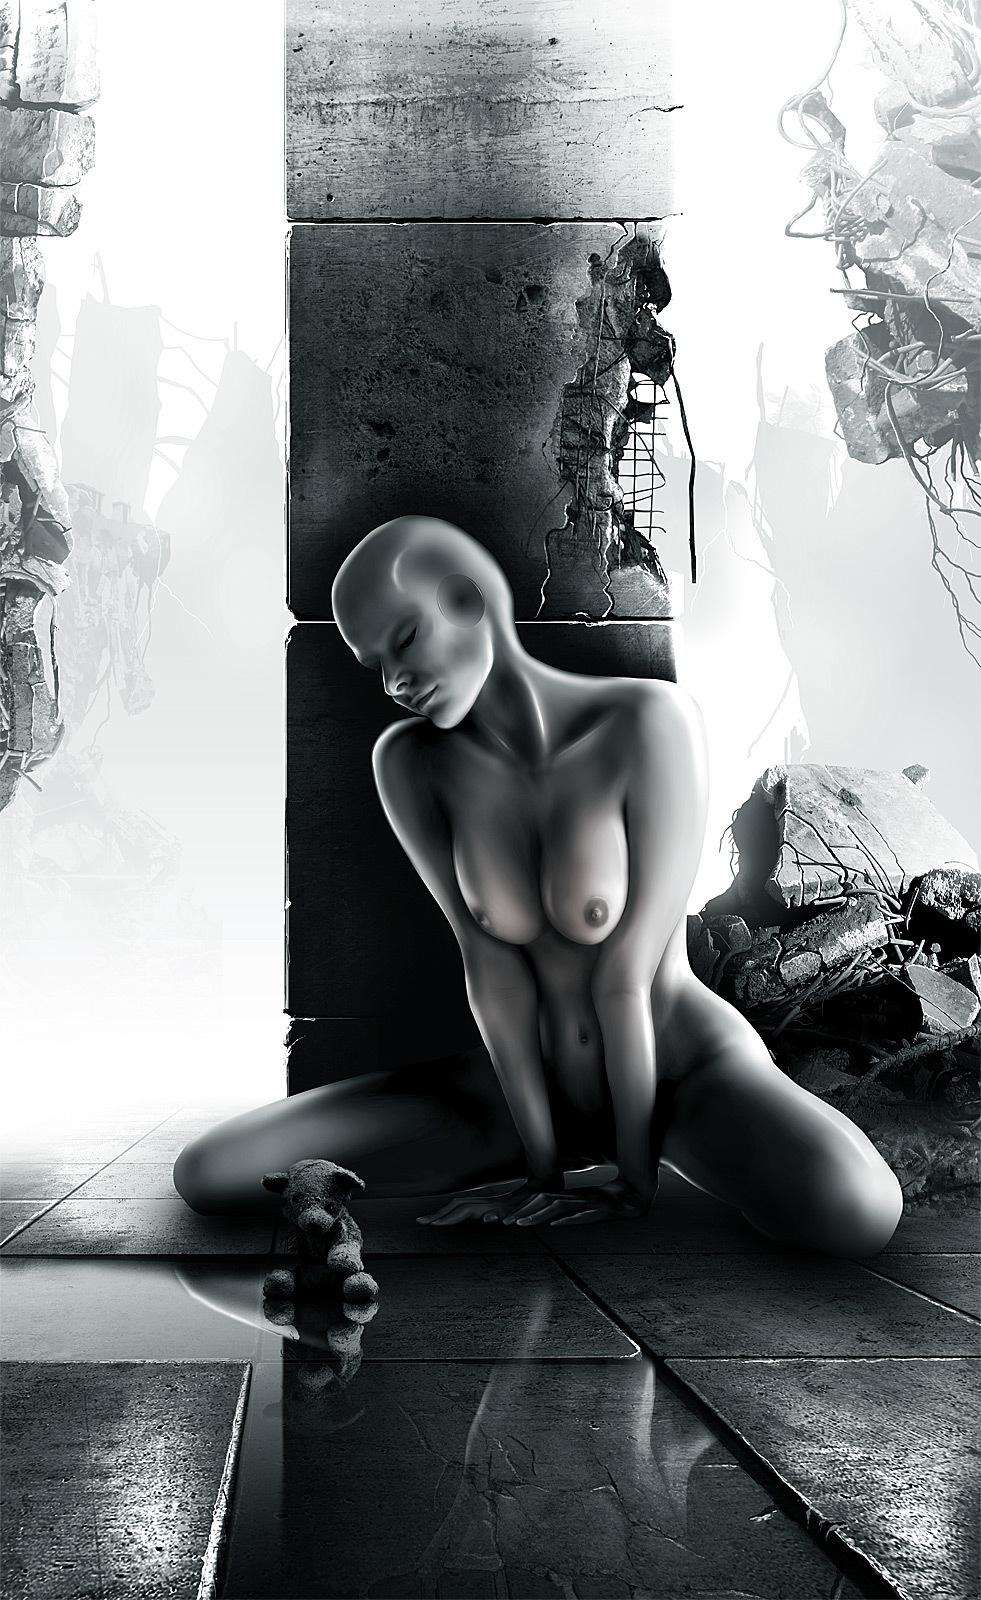 Vampeta geborg nudity 1 066ac6d6 ootl